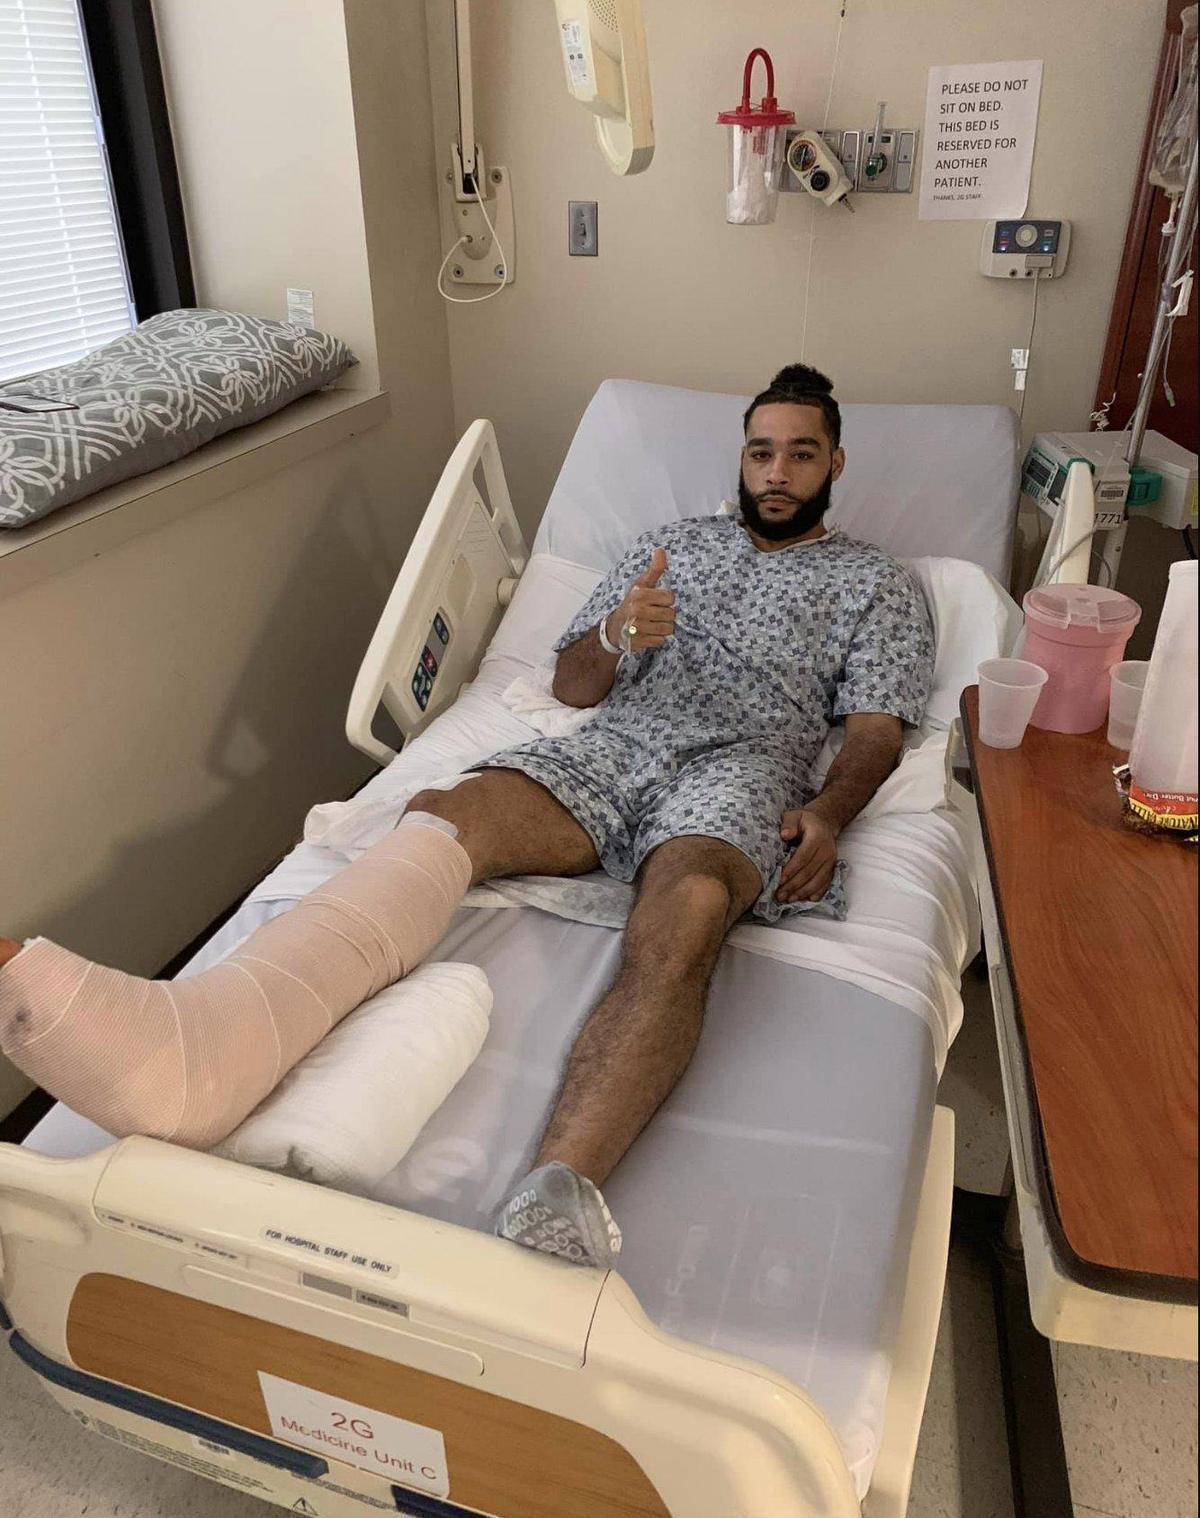 喬納森金隨後緊急送醫手術,隔(7)日他在推特上po出打石膏照片,留言感謝關心他的所有人。(翻攝自喬納森金推特)